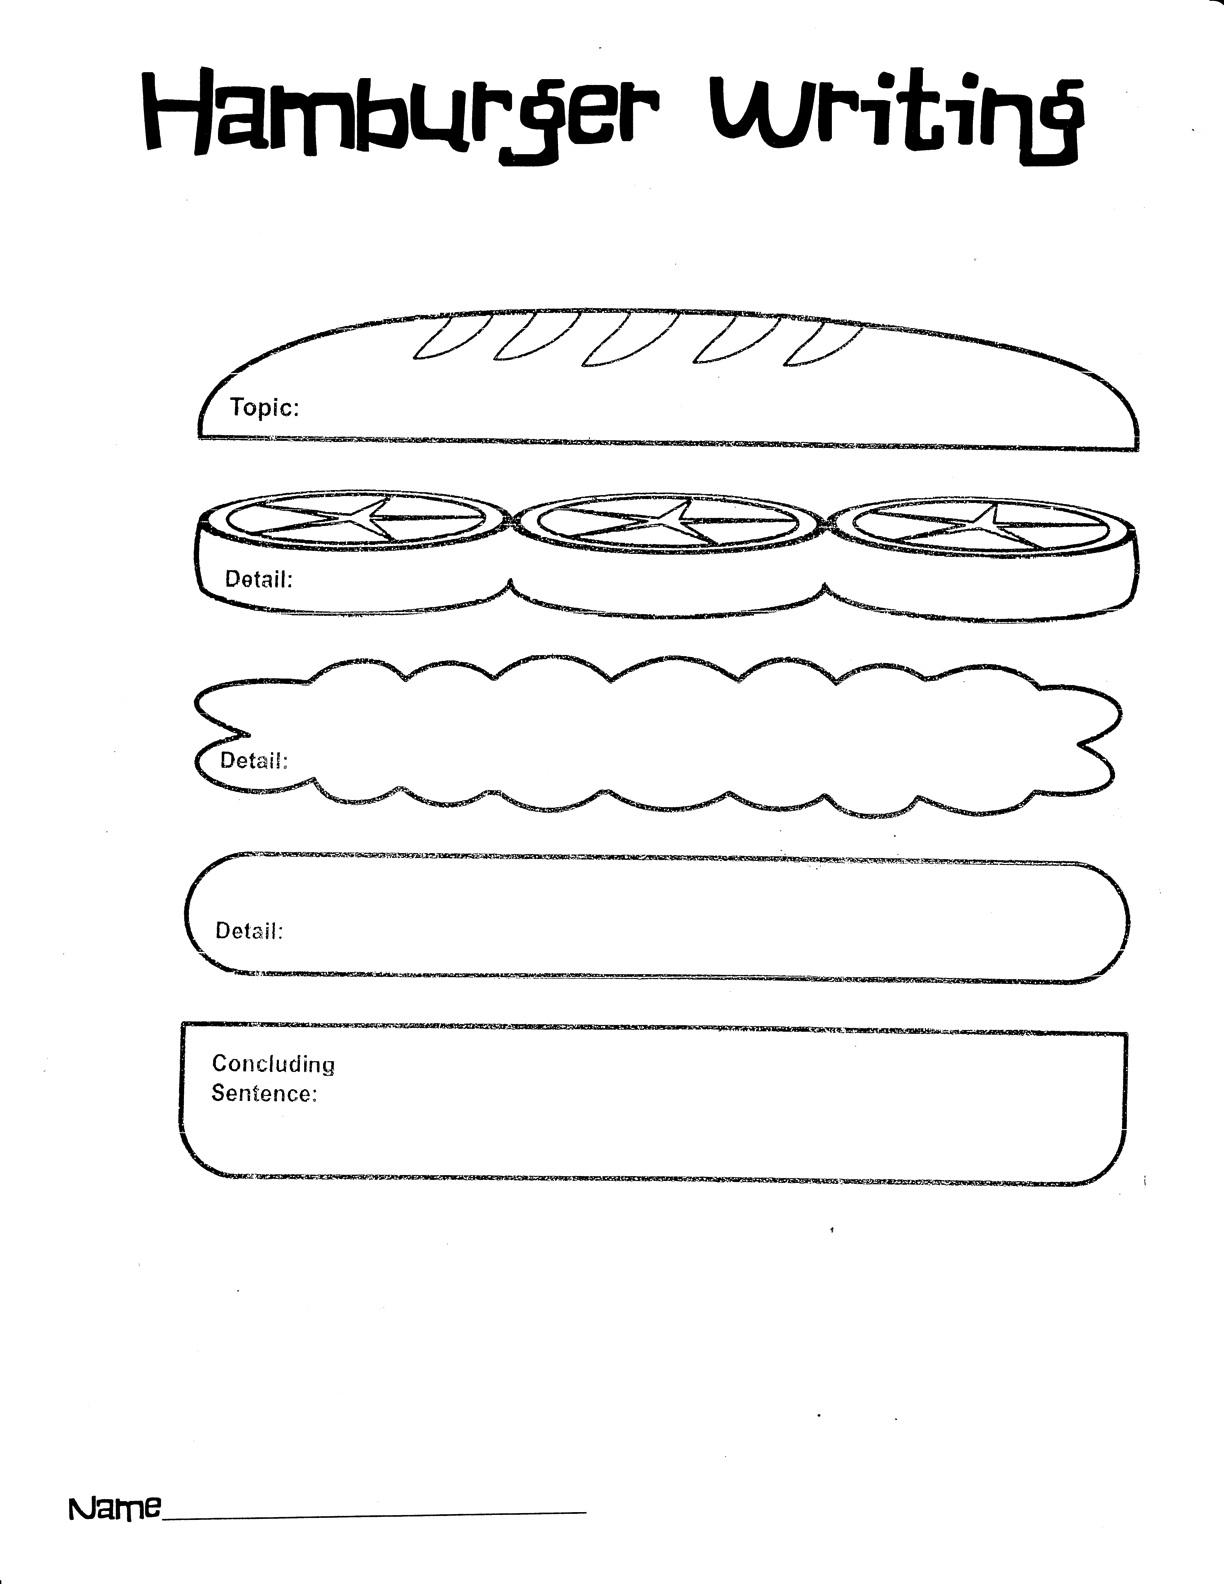 five paragraph essay hamburger model Five paragraph essay hamburger model posted on april 23, 2017 3 v for vendetta critical essays most five paragraph essay hamburger model of sample apa formatted.